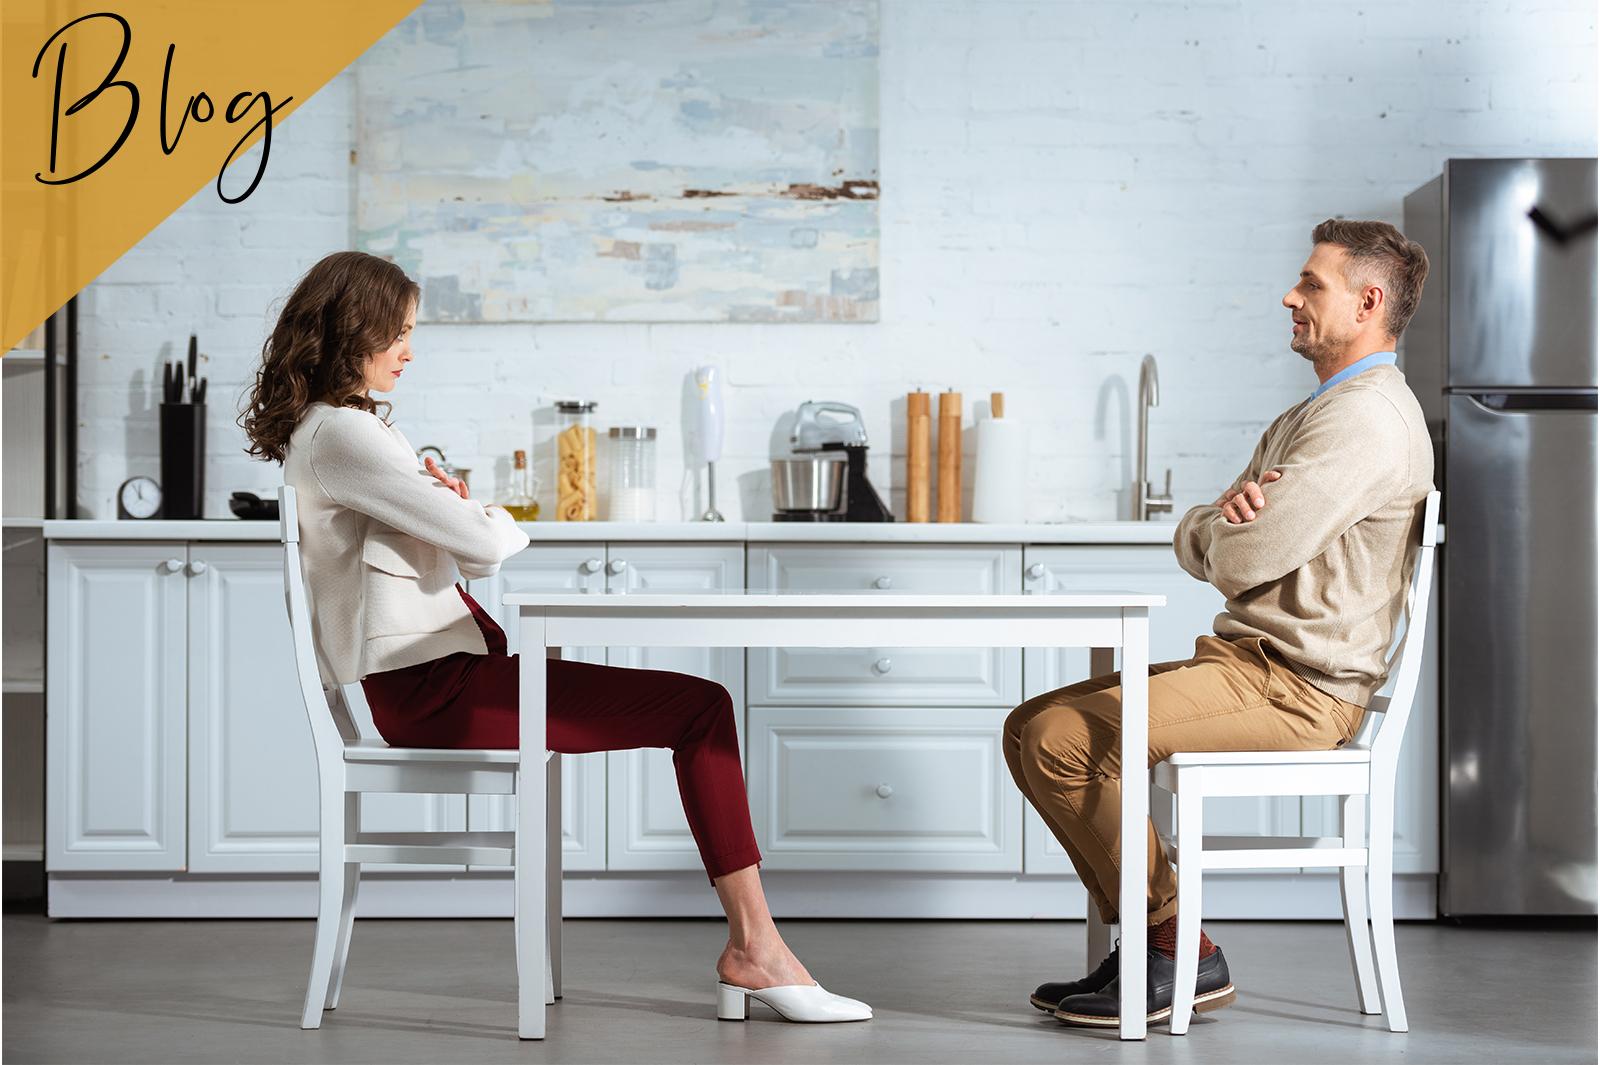 Paar sitzt sich mit verschränkten Armen gegenüber